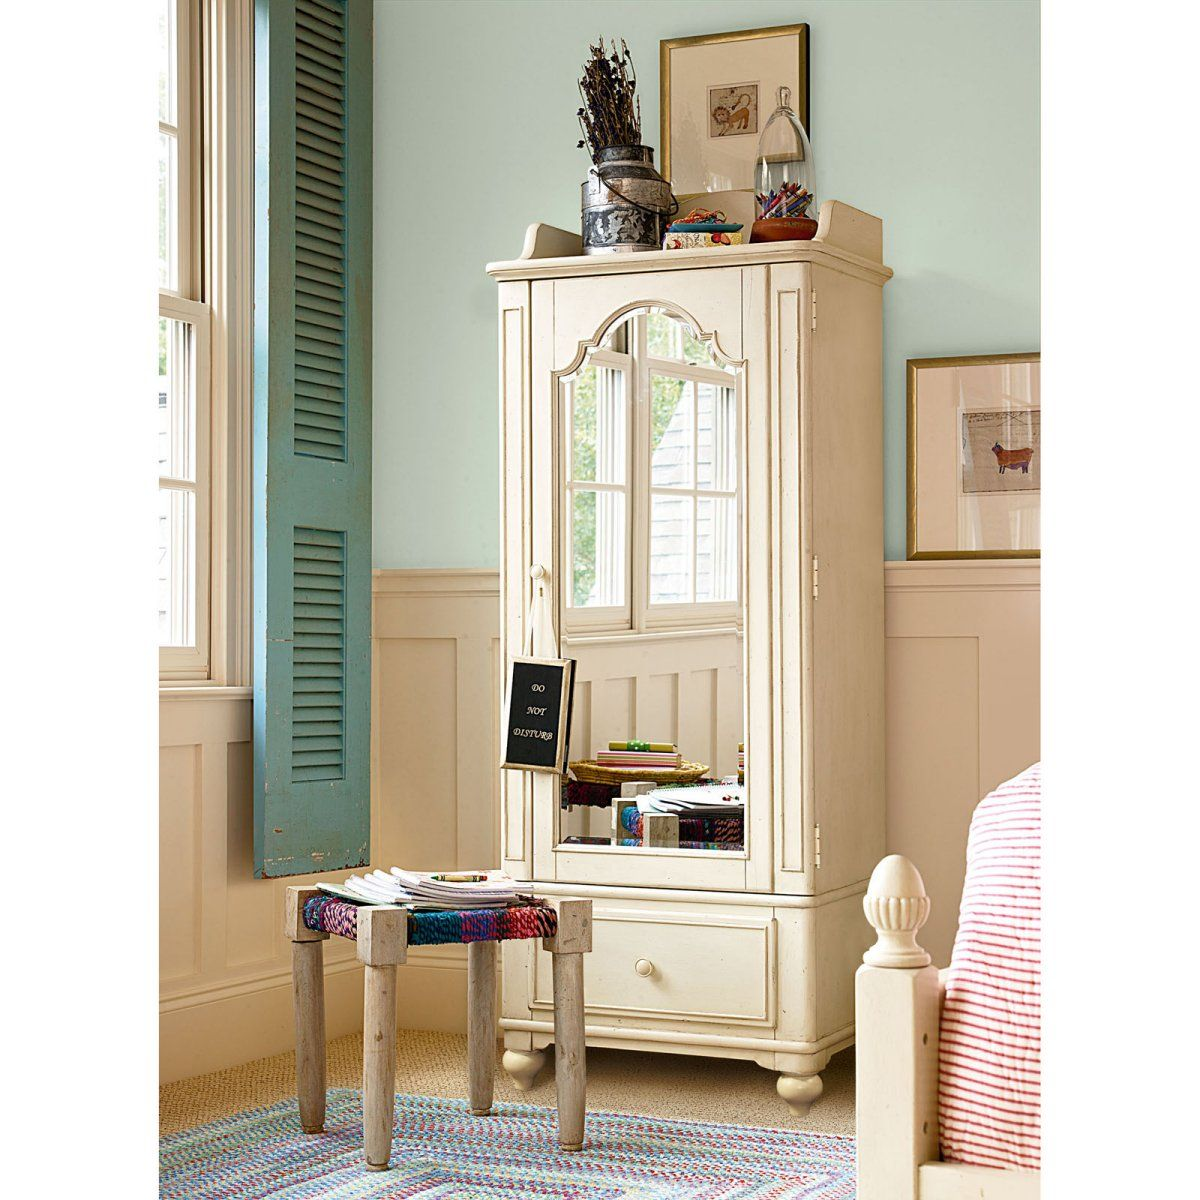 Paula dean gals dressing mirror armoire kids furniture - Armoire dressing miroir ...